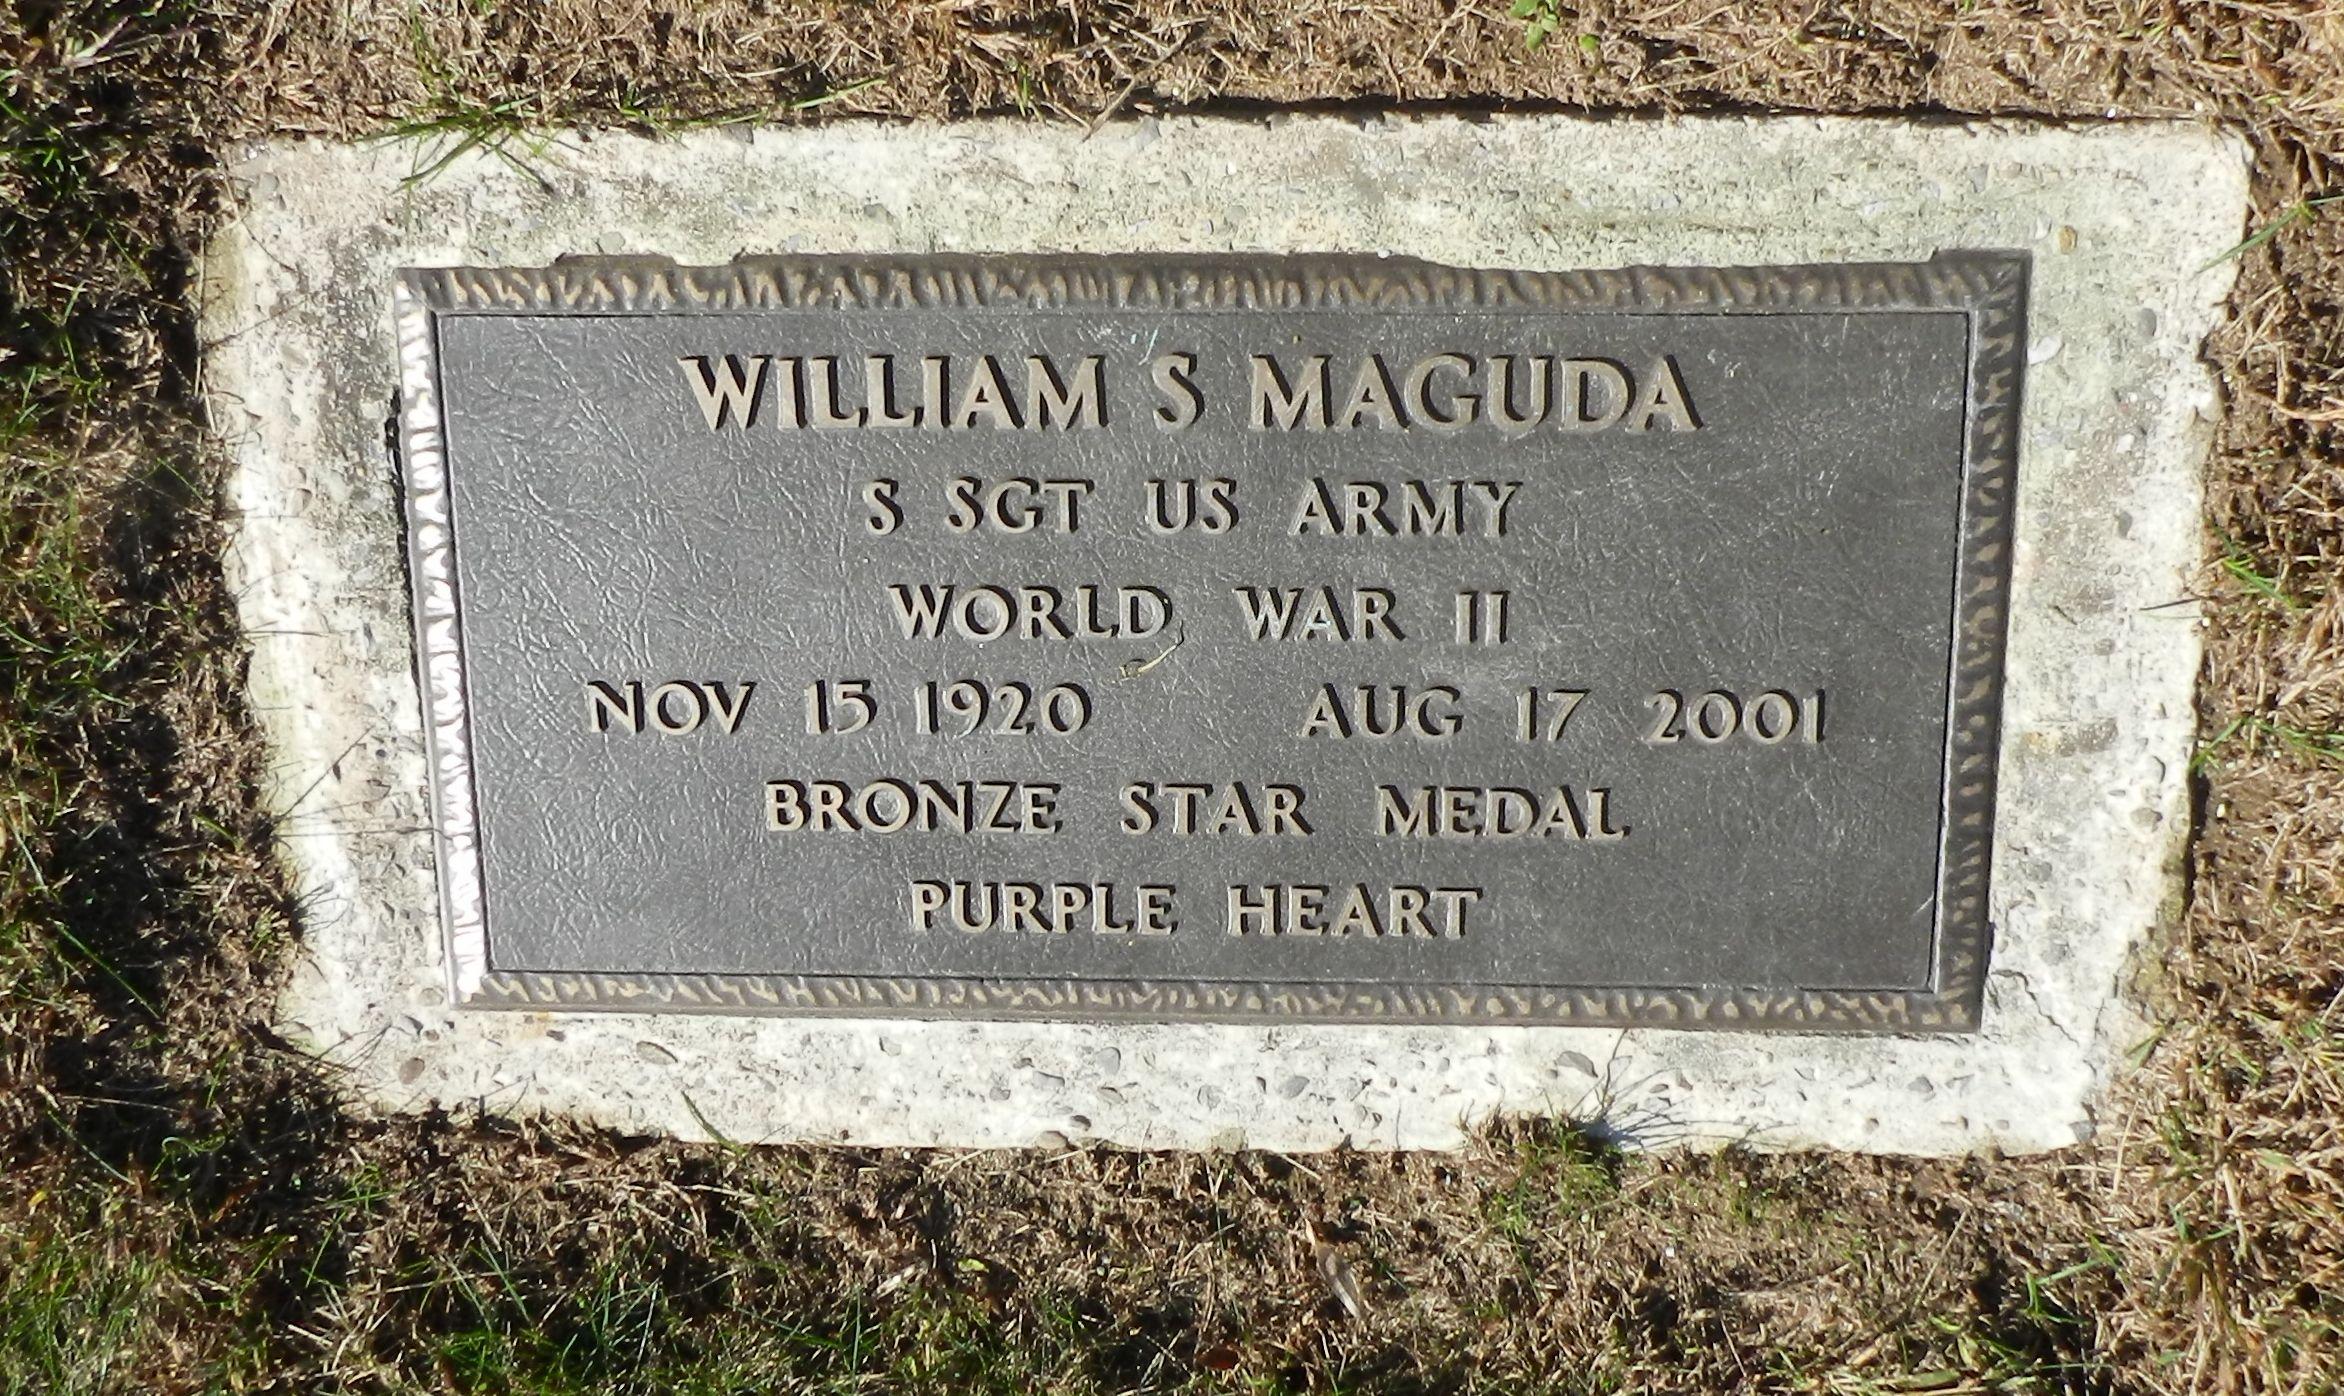 William S. Maguda